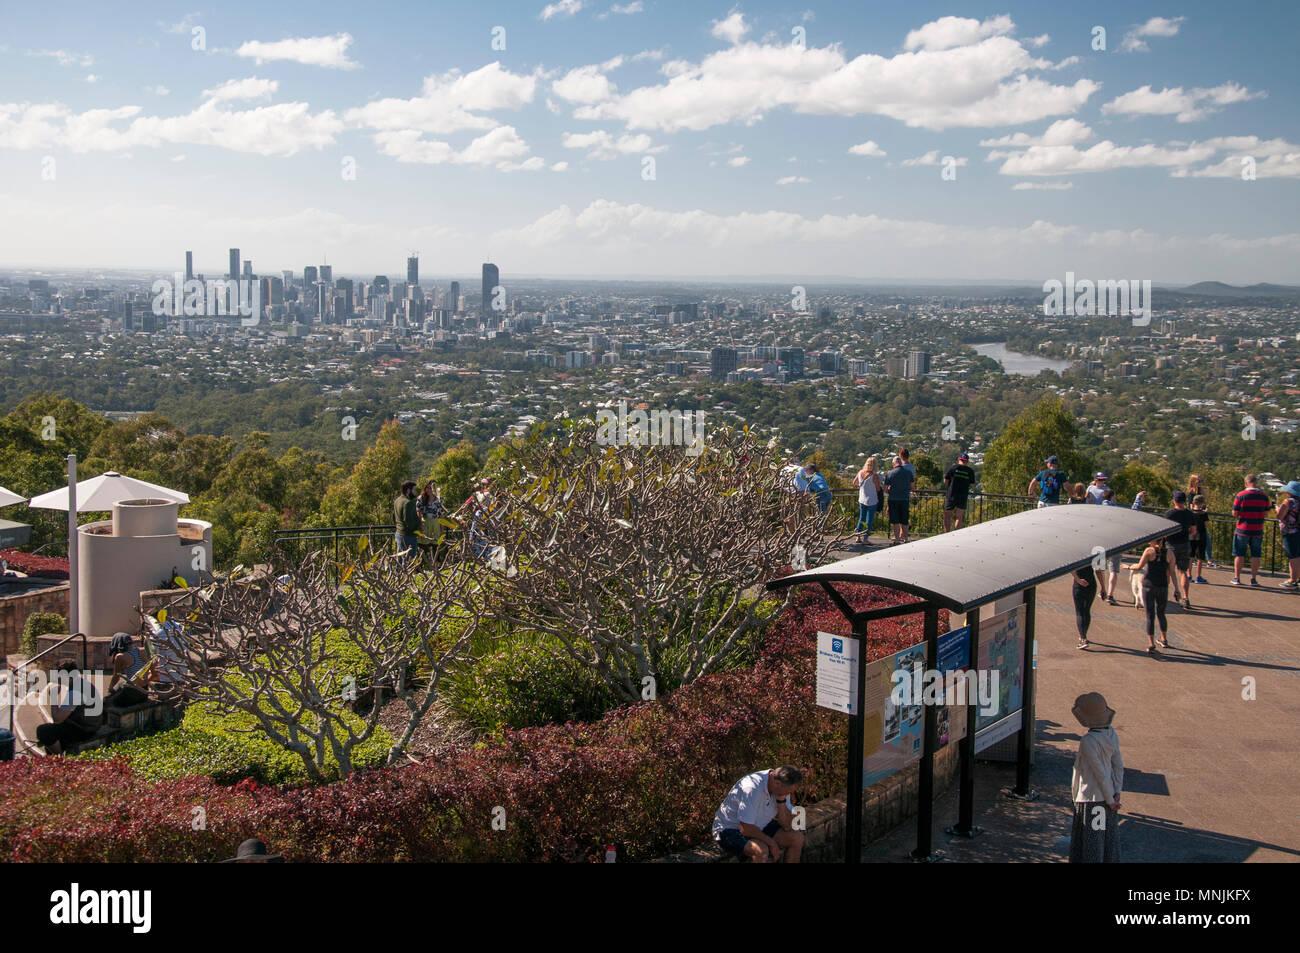 Brisbane city skyline from Mt Coot-tha, Brisbane, Queensland, Australia - Stock Image